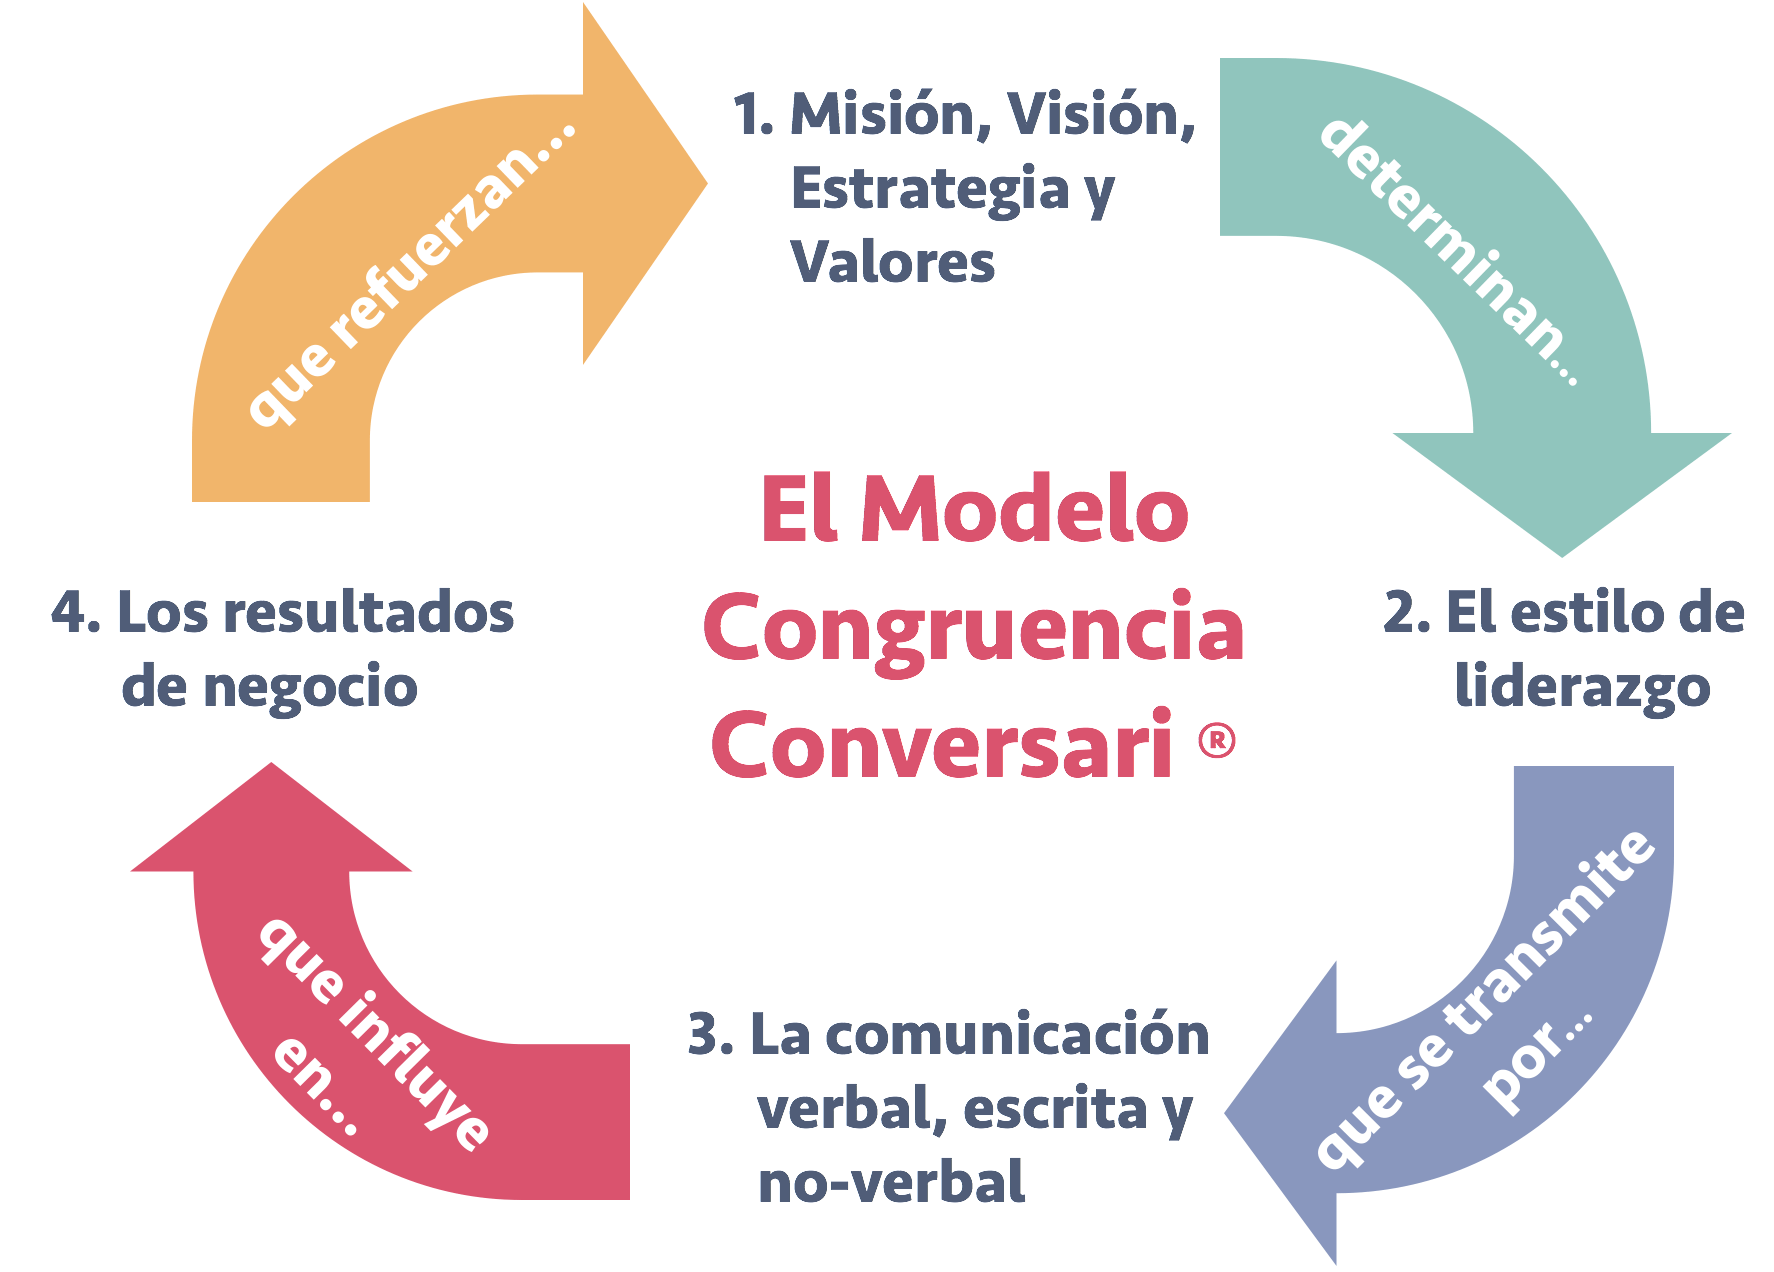 Modelo Congruencia Conversari